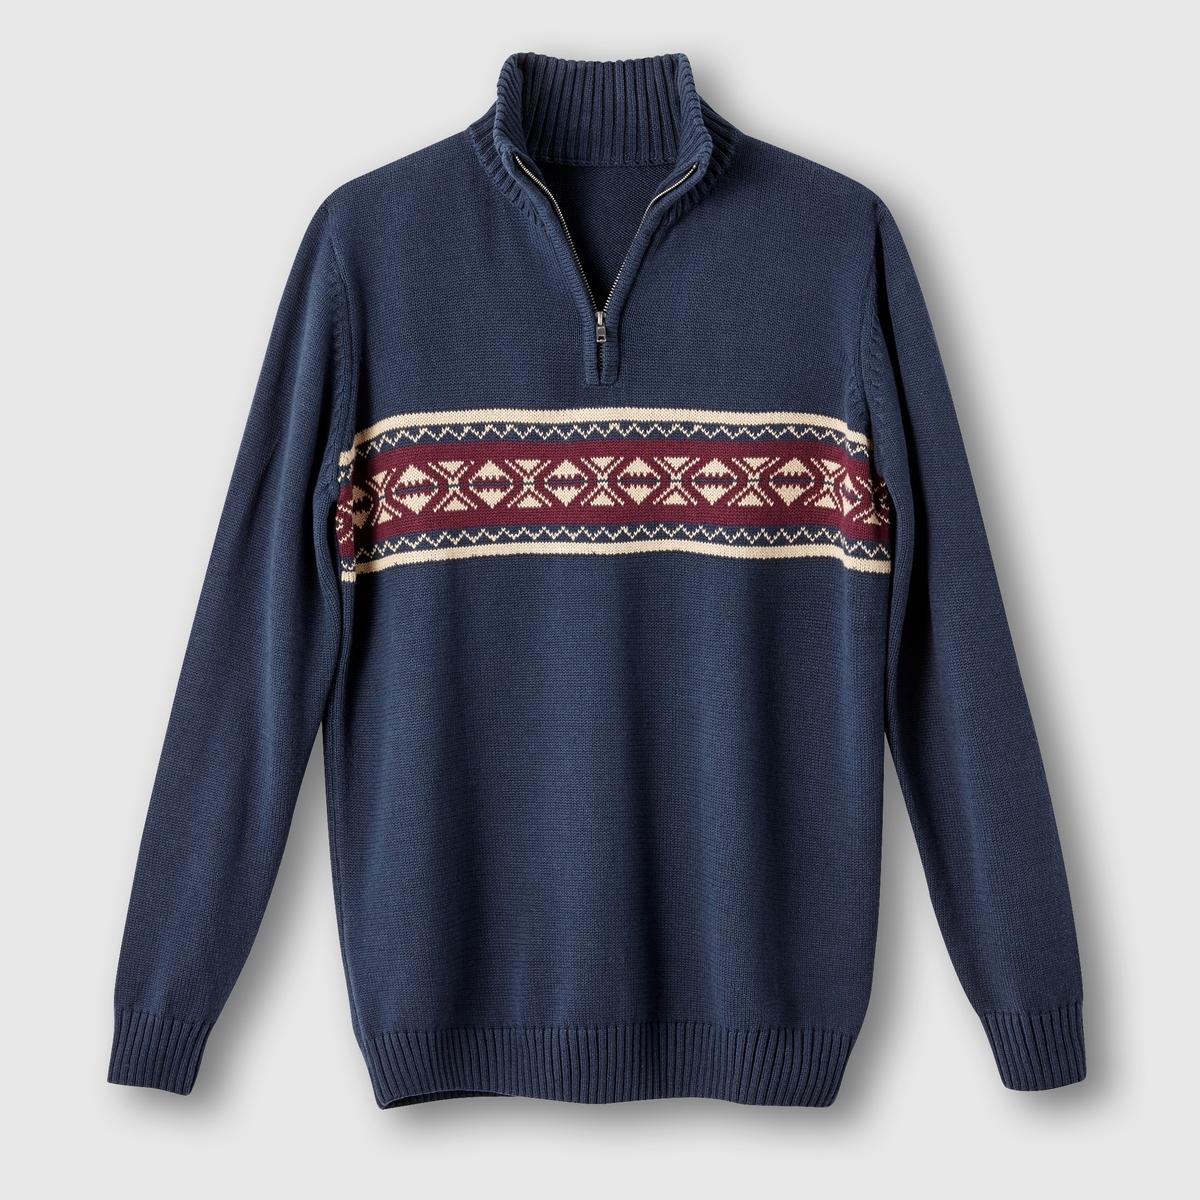 Пуловер жаккардовыйс воротником на молнии<br><br>Цвет: темно-синий<br>Размер: 70/72